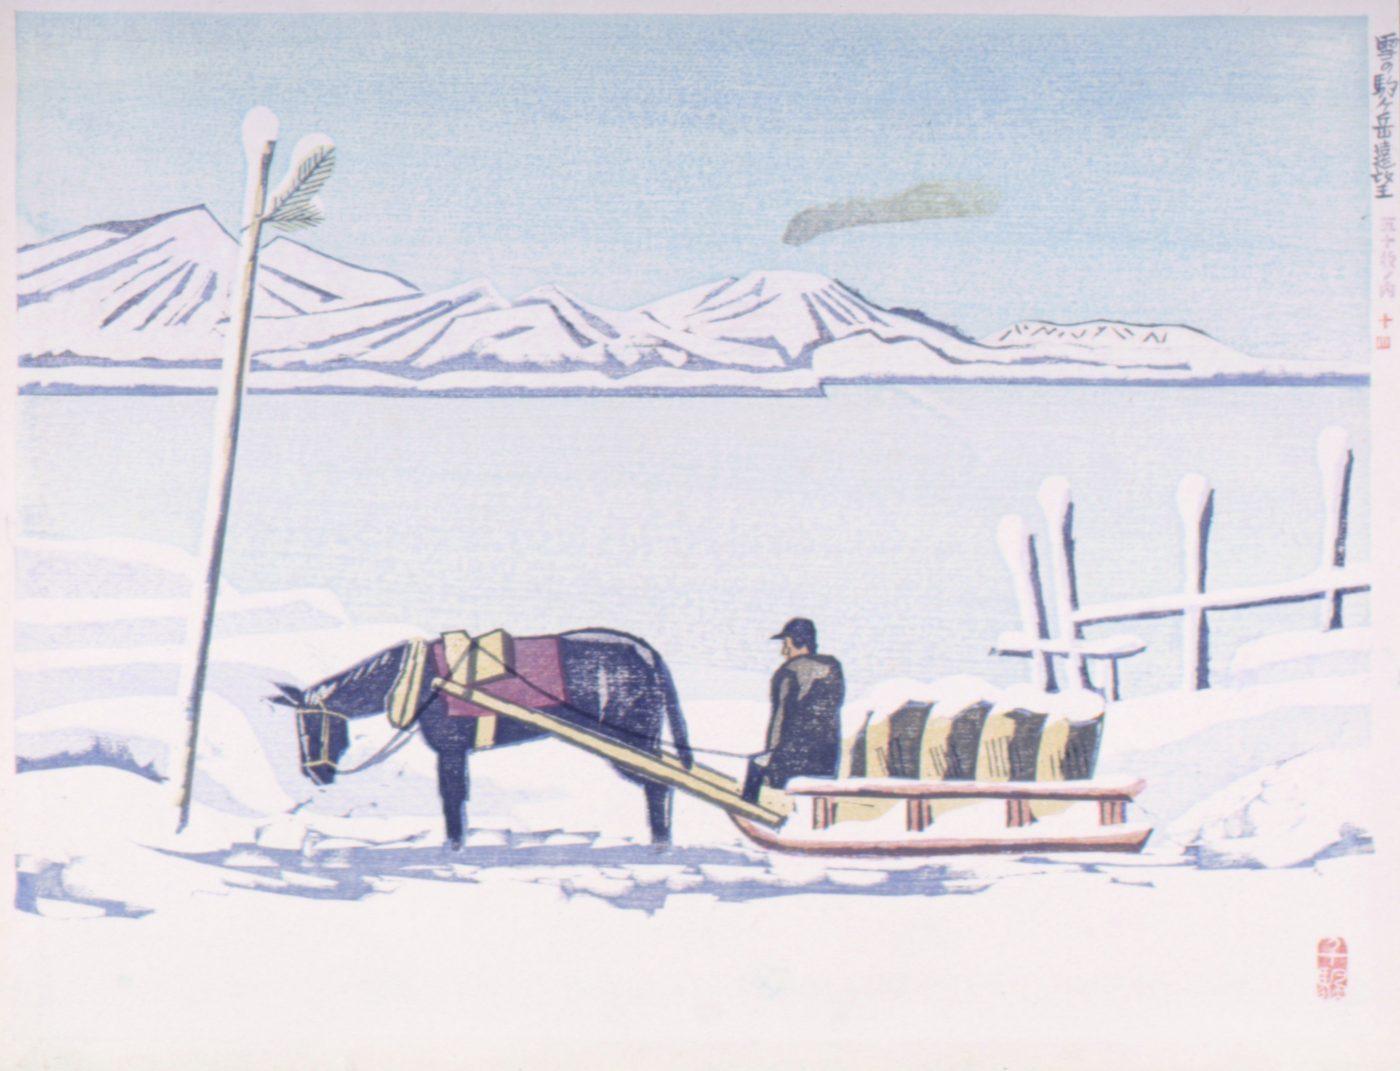 前川千帆《雪の駒ヶ岳遠望》制作年不詳 木版、紙 当館蔵